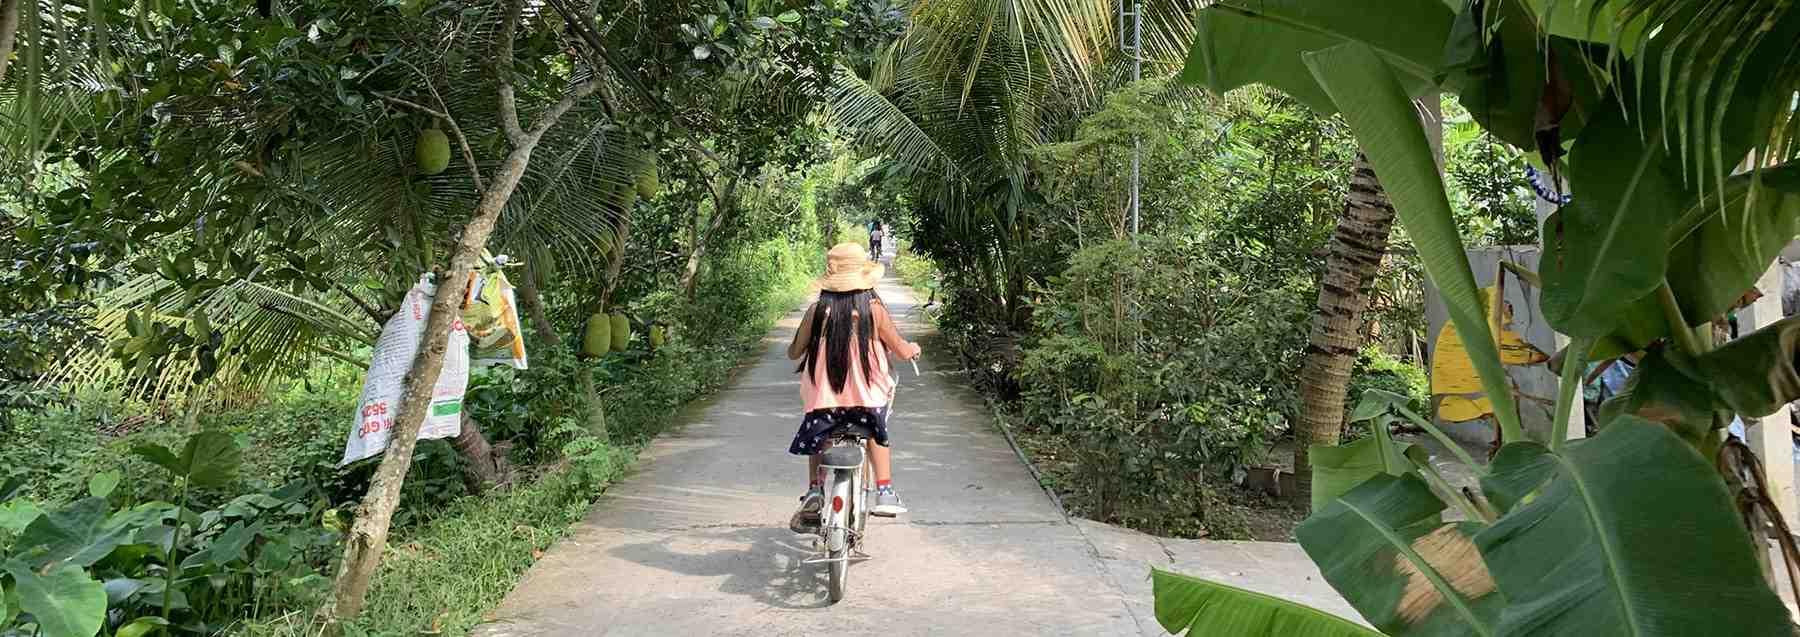 Cyling tour mekong